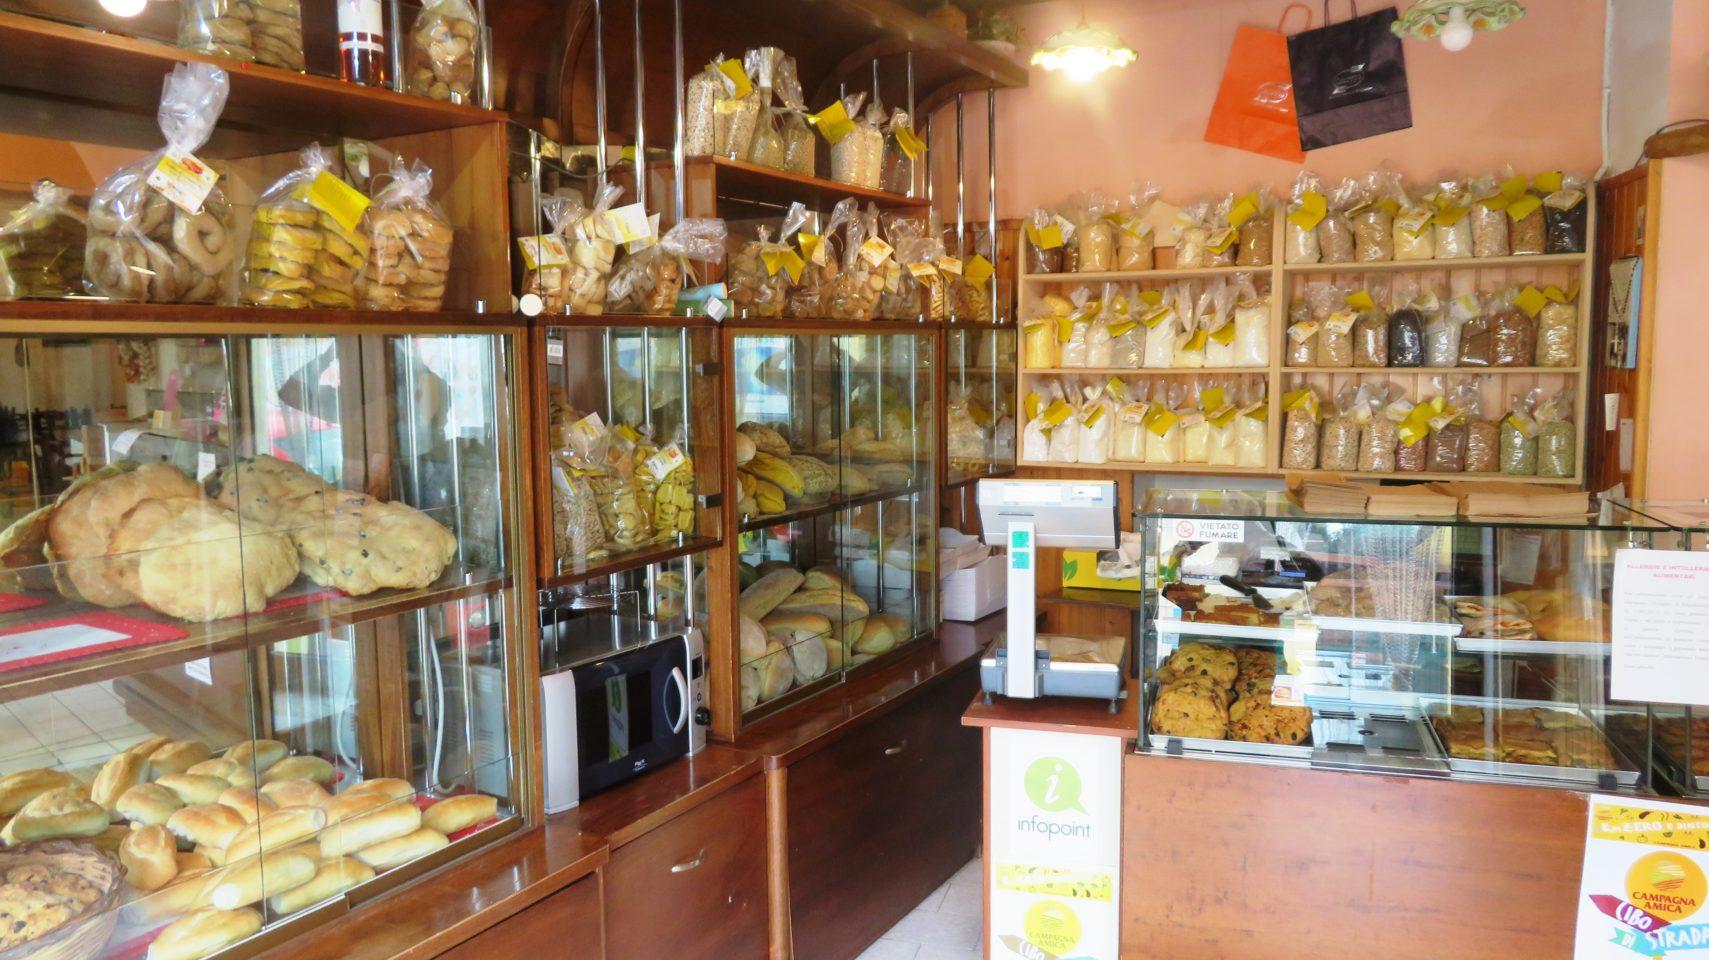 Farmer/Miller/Baker Panificio Caroppo in Minervino di Lecce ! The Wholesome Charms of Salento in Italy